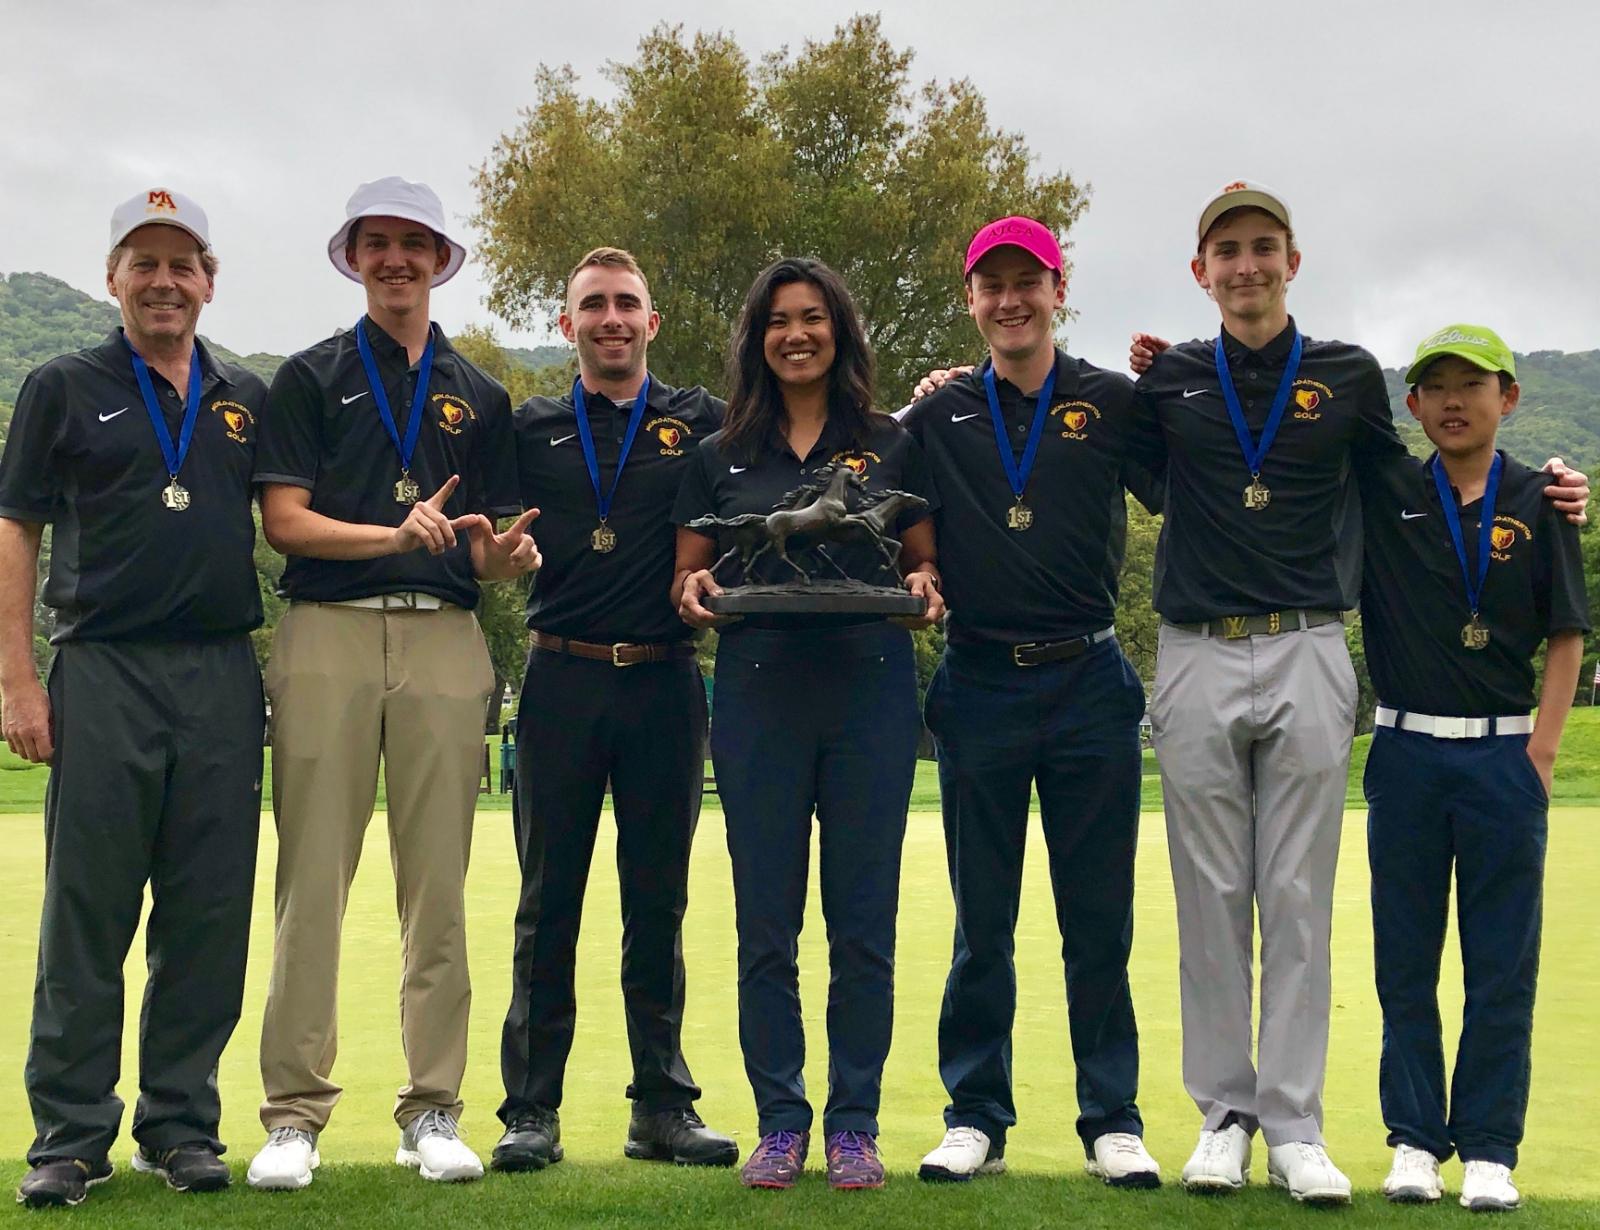 Boys golf wins Mustang Invitational